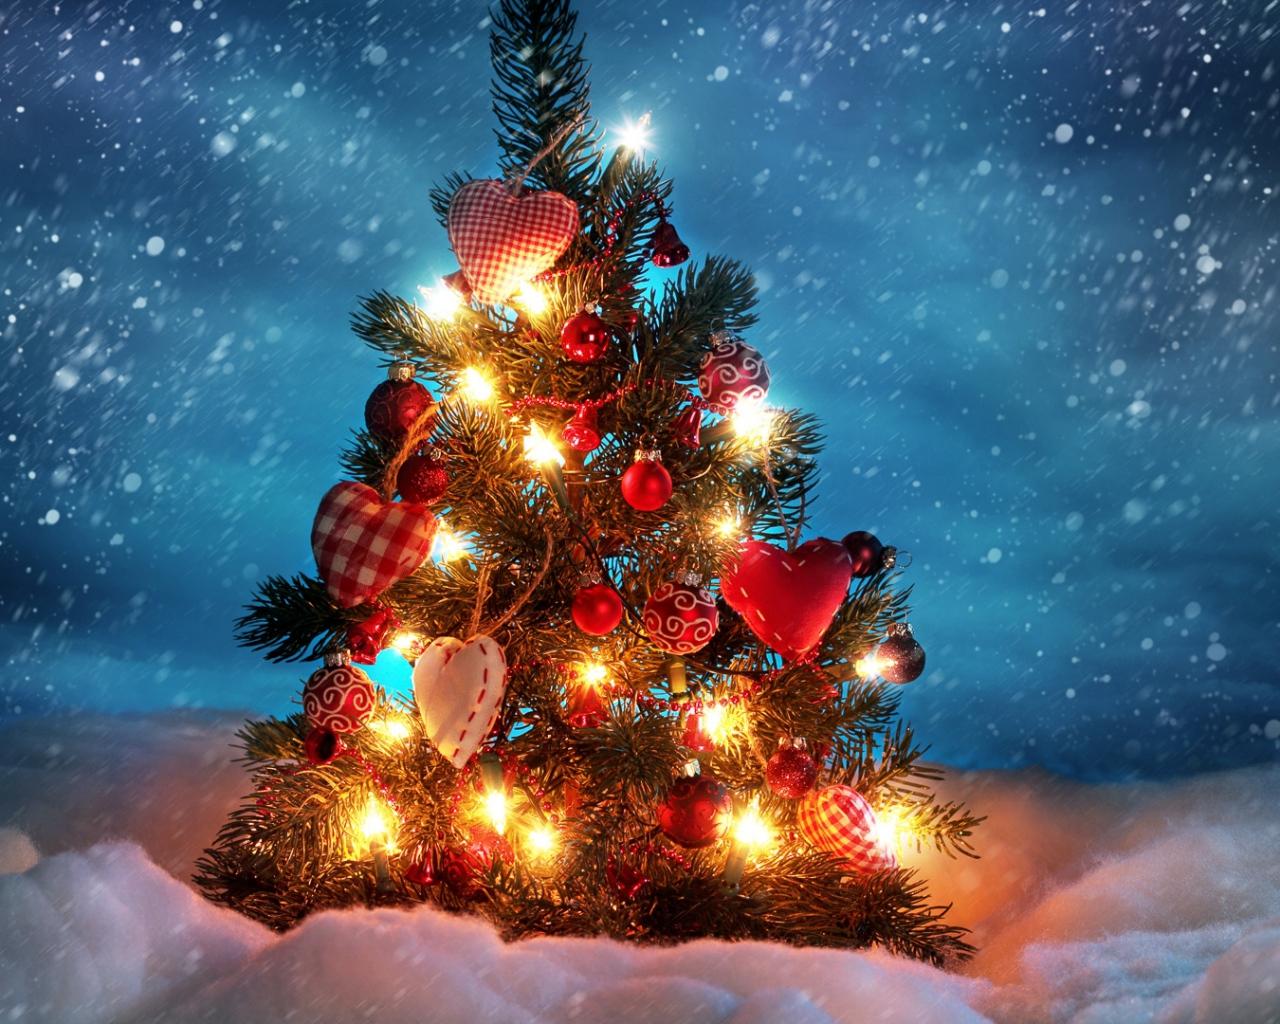 christmas_tree_snow_winter_91151_1280x1024